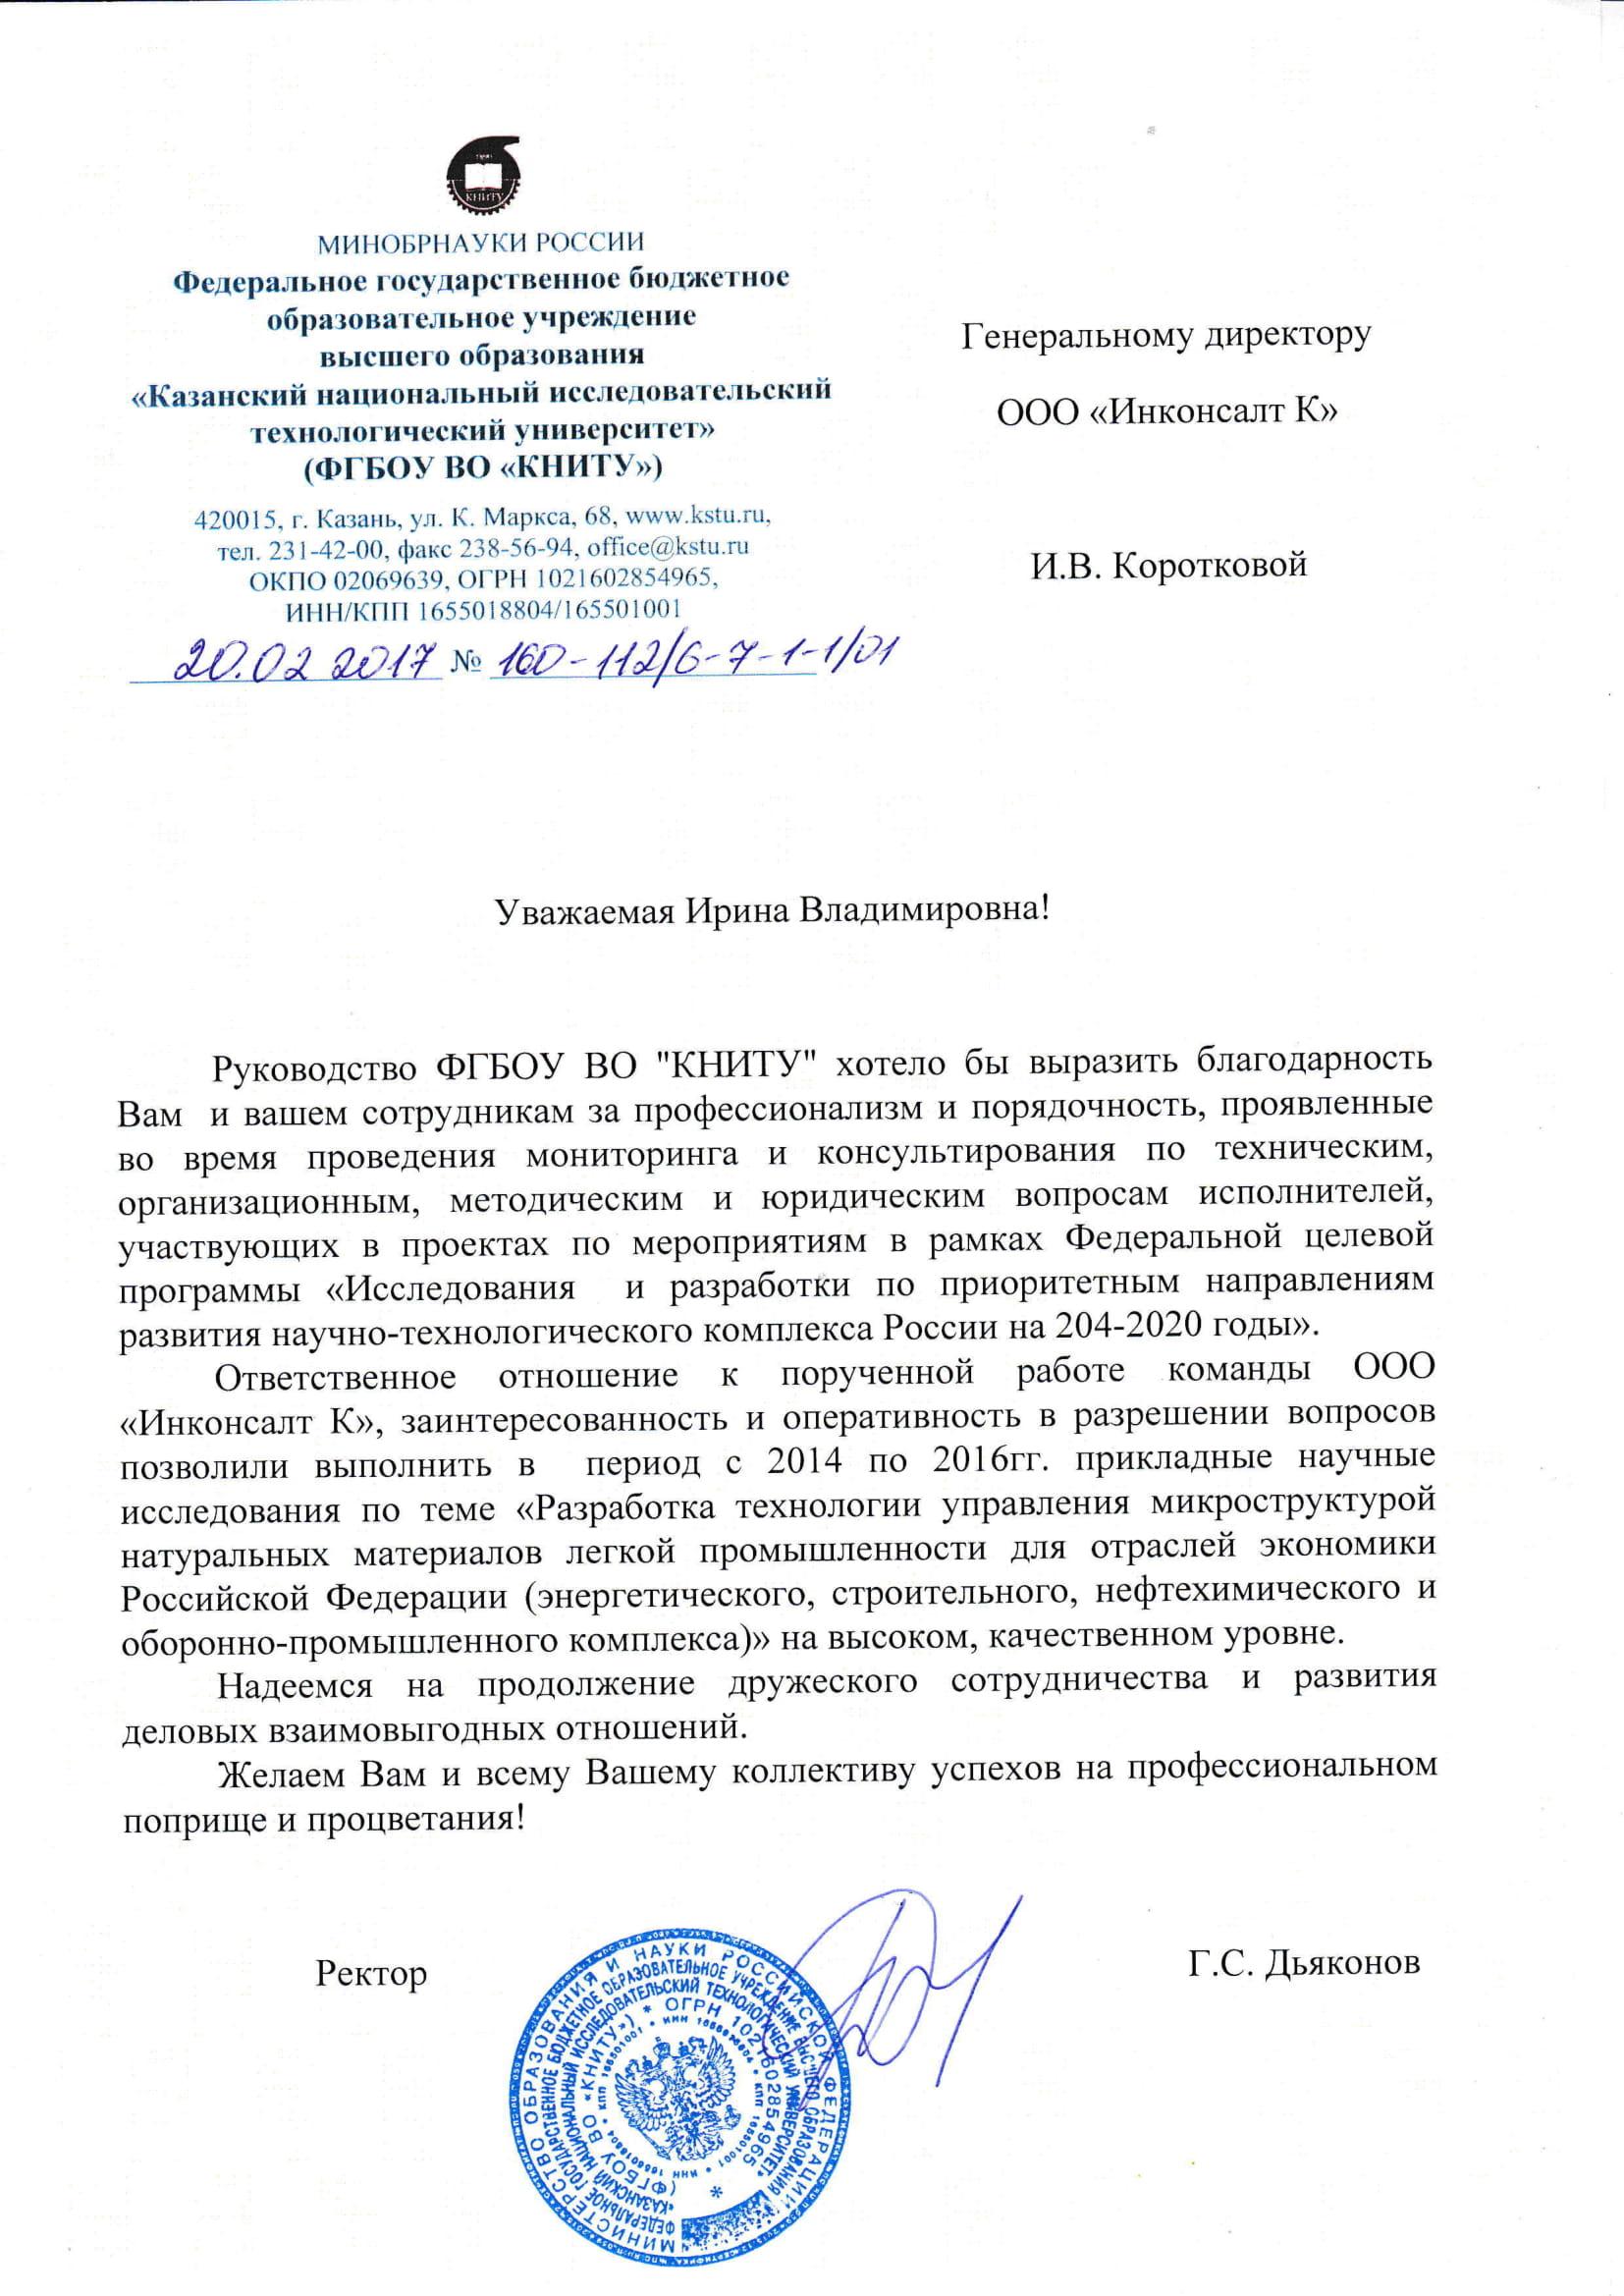 КНИТУ-февр.2017-1